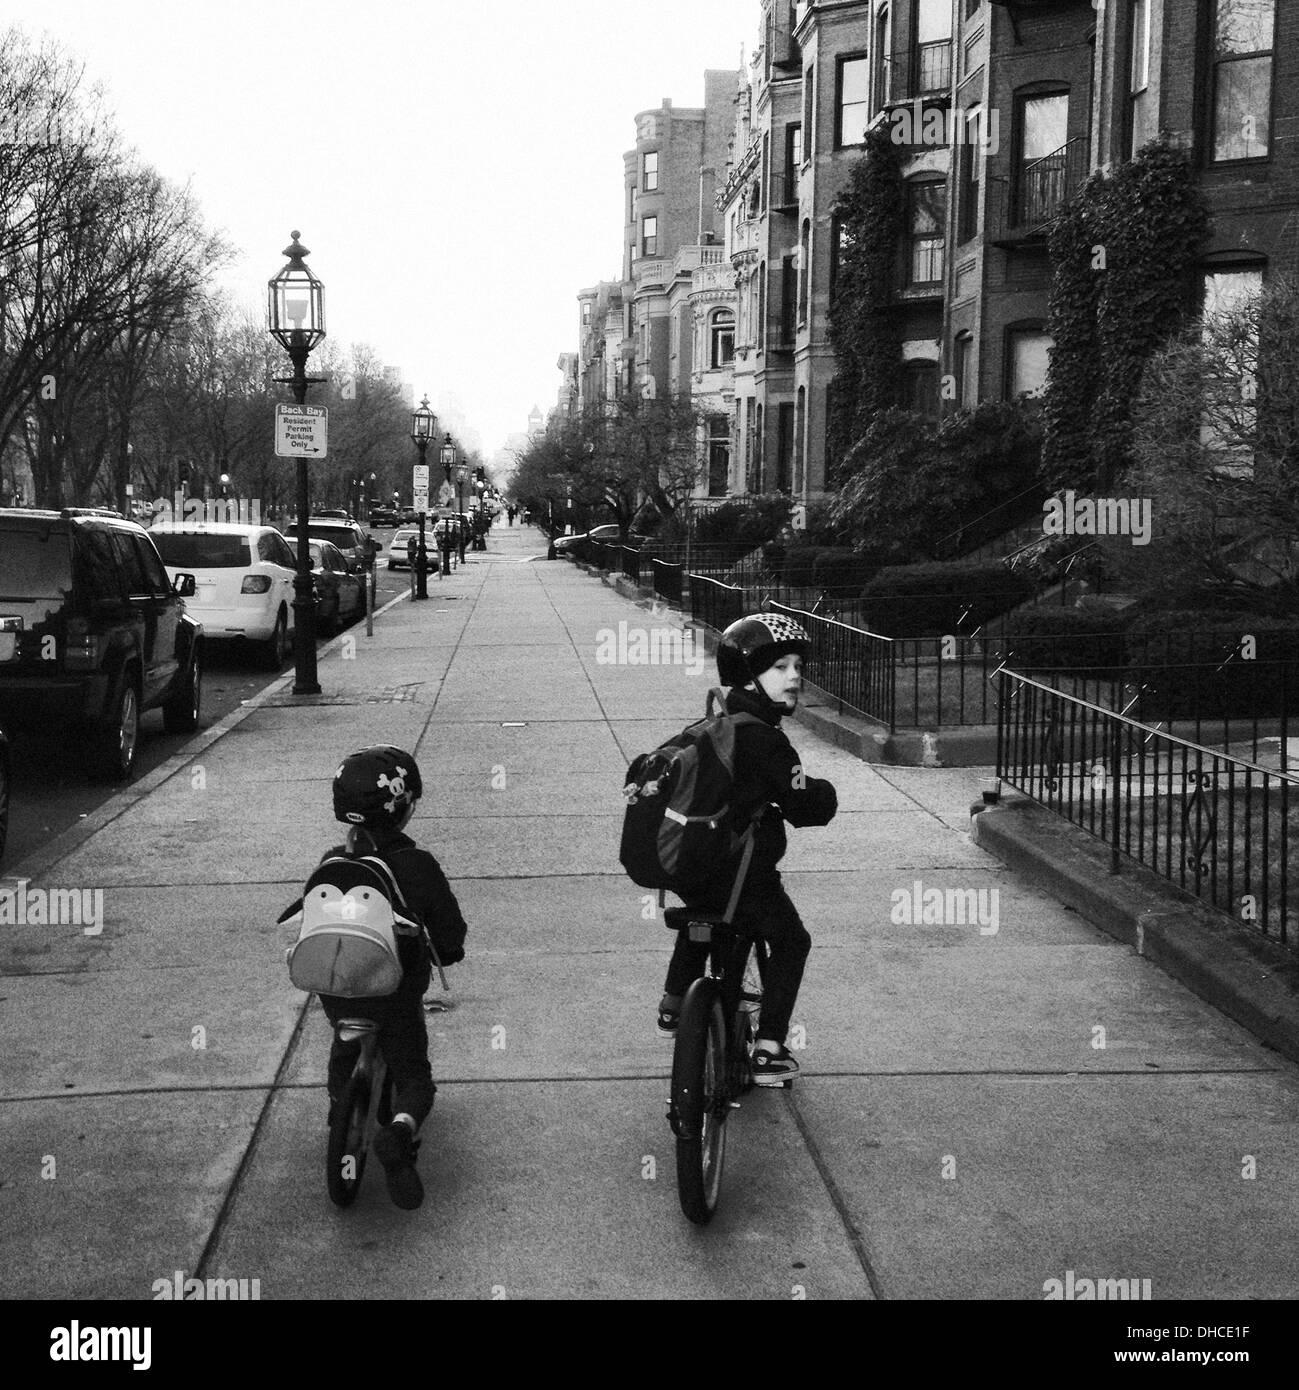 Deux garçons la bicyclette sur trottoir Urbain, vue arrière Photo Stock